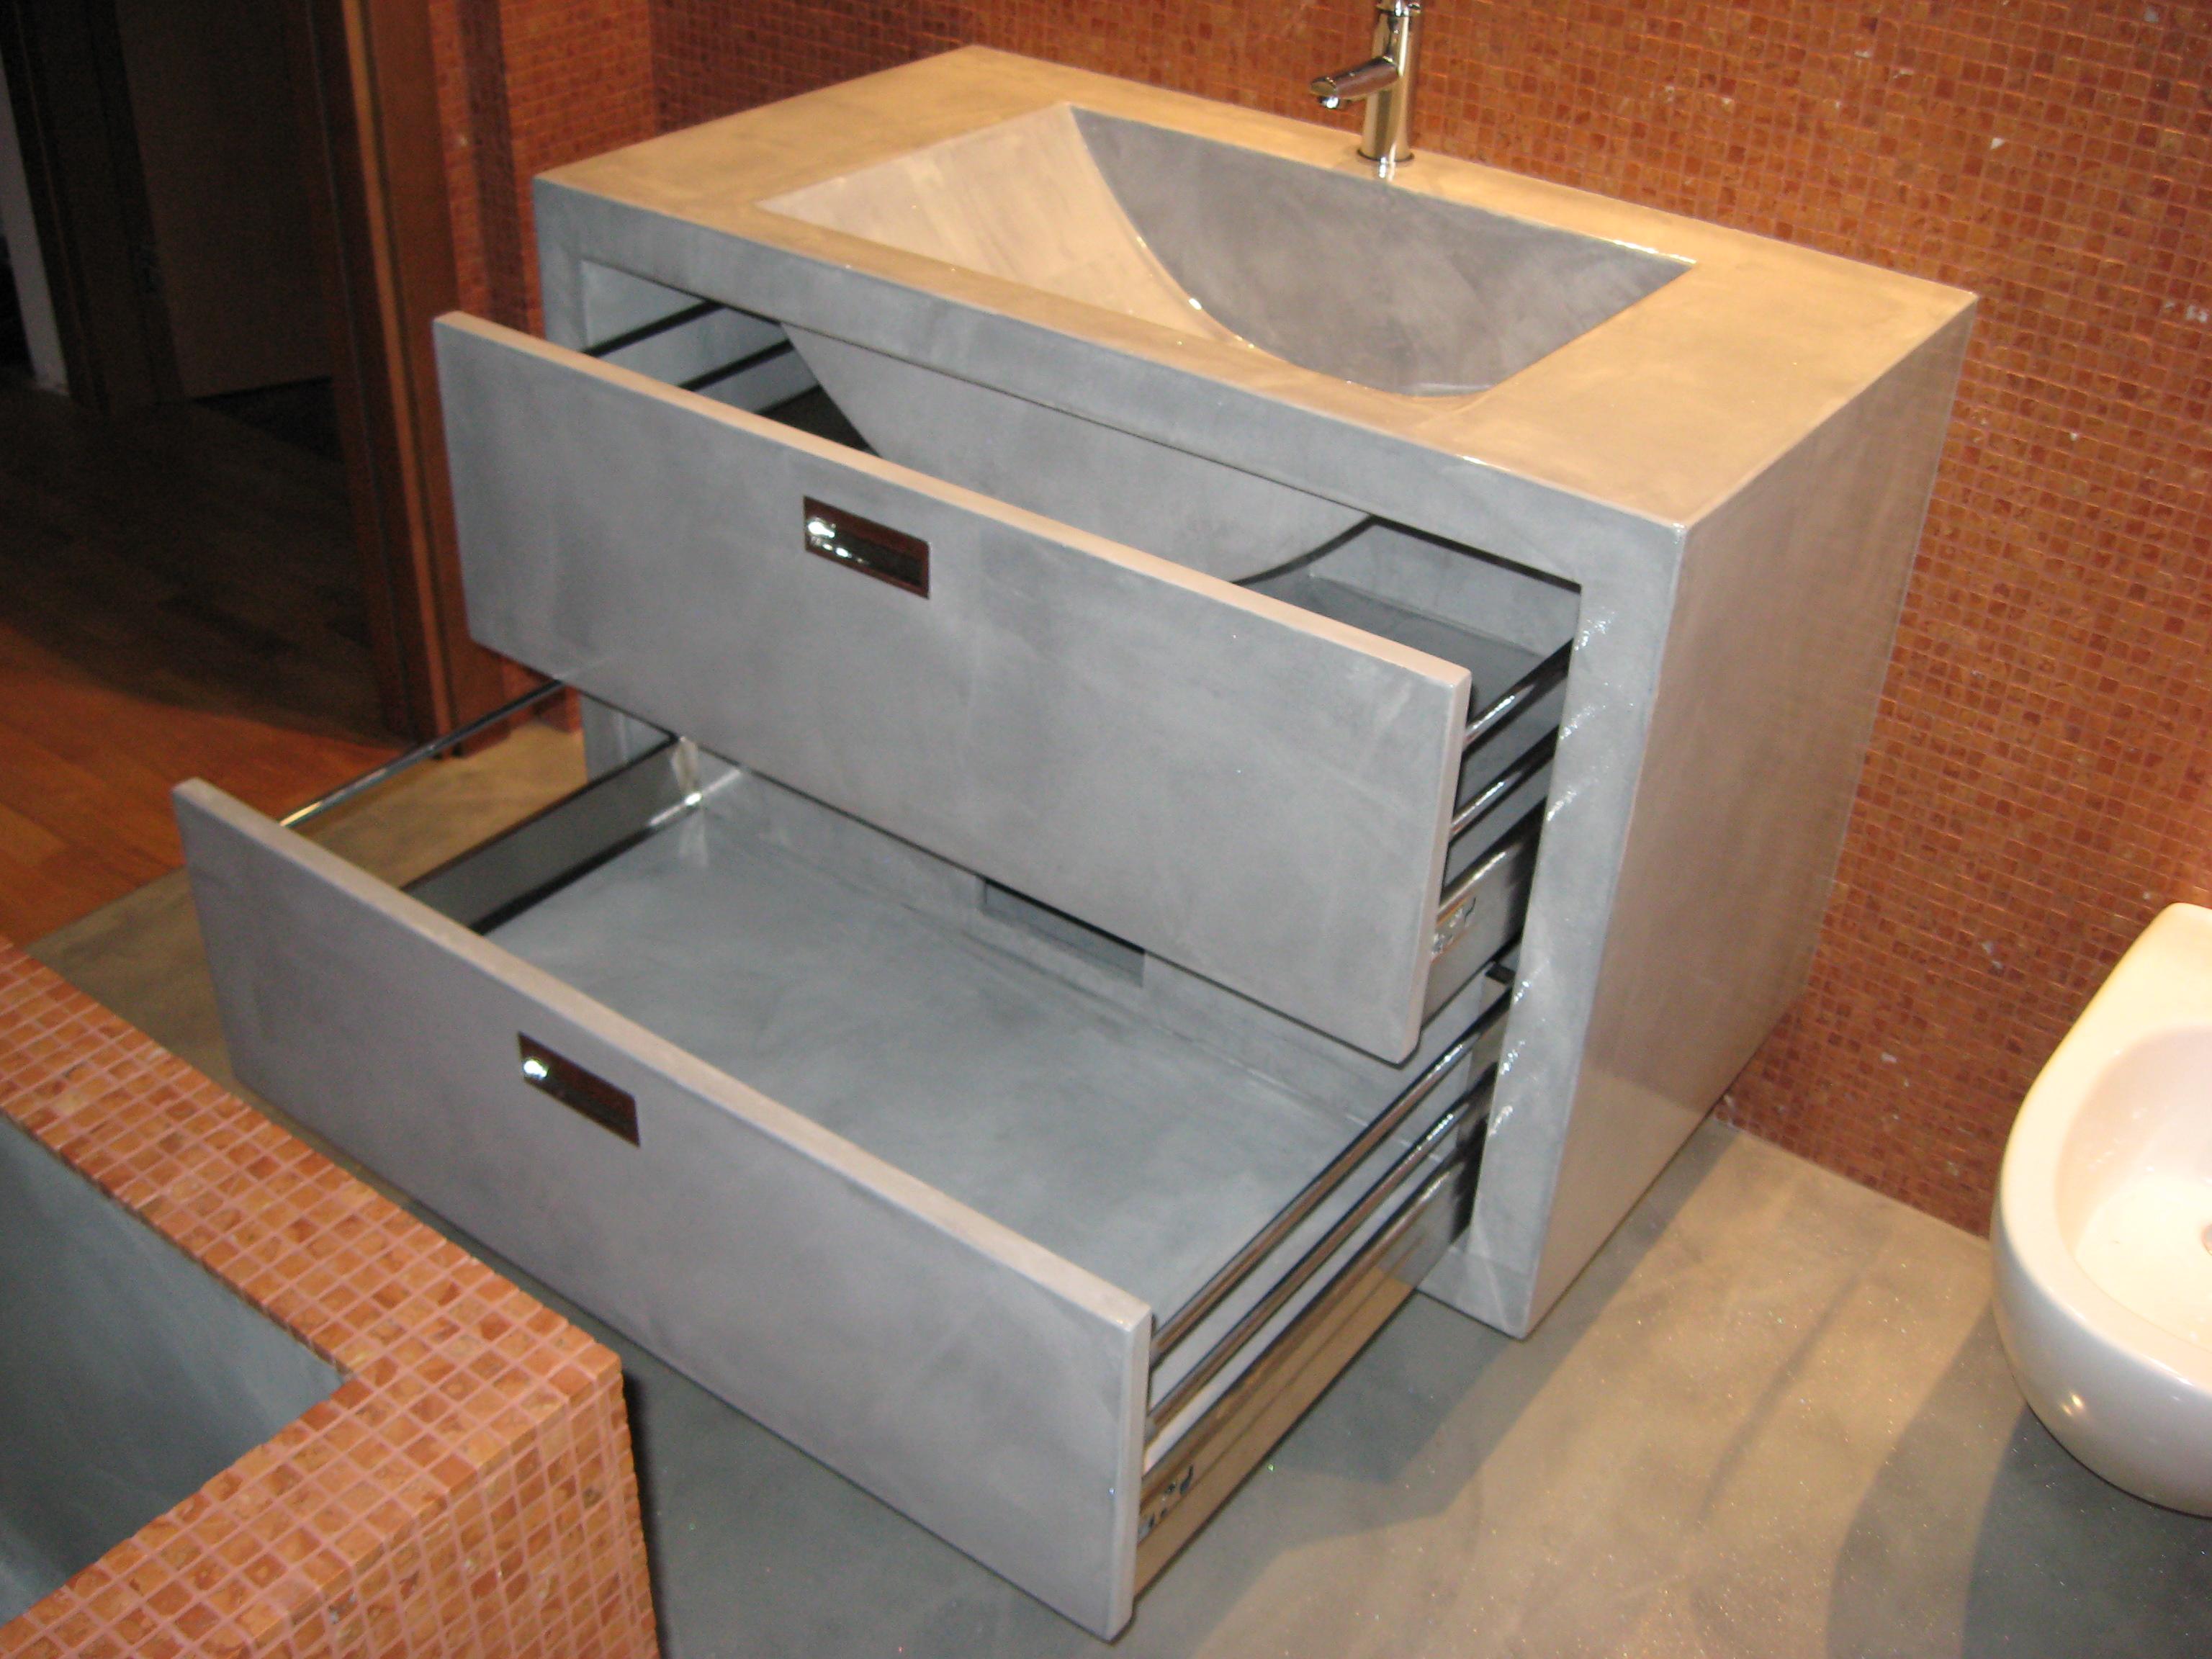 Rivestimento mobili e polistirolo trias chem s r l - Mobili in polistirolo ...